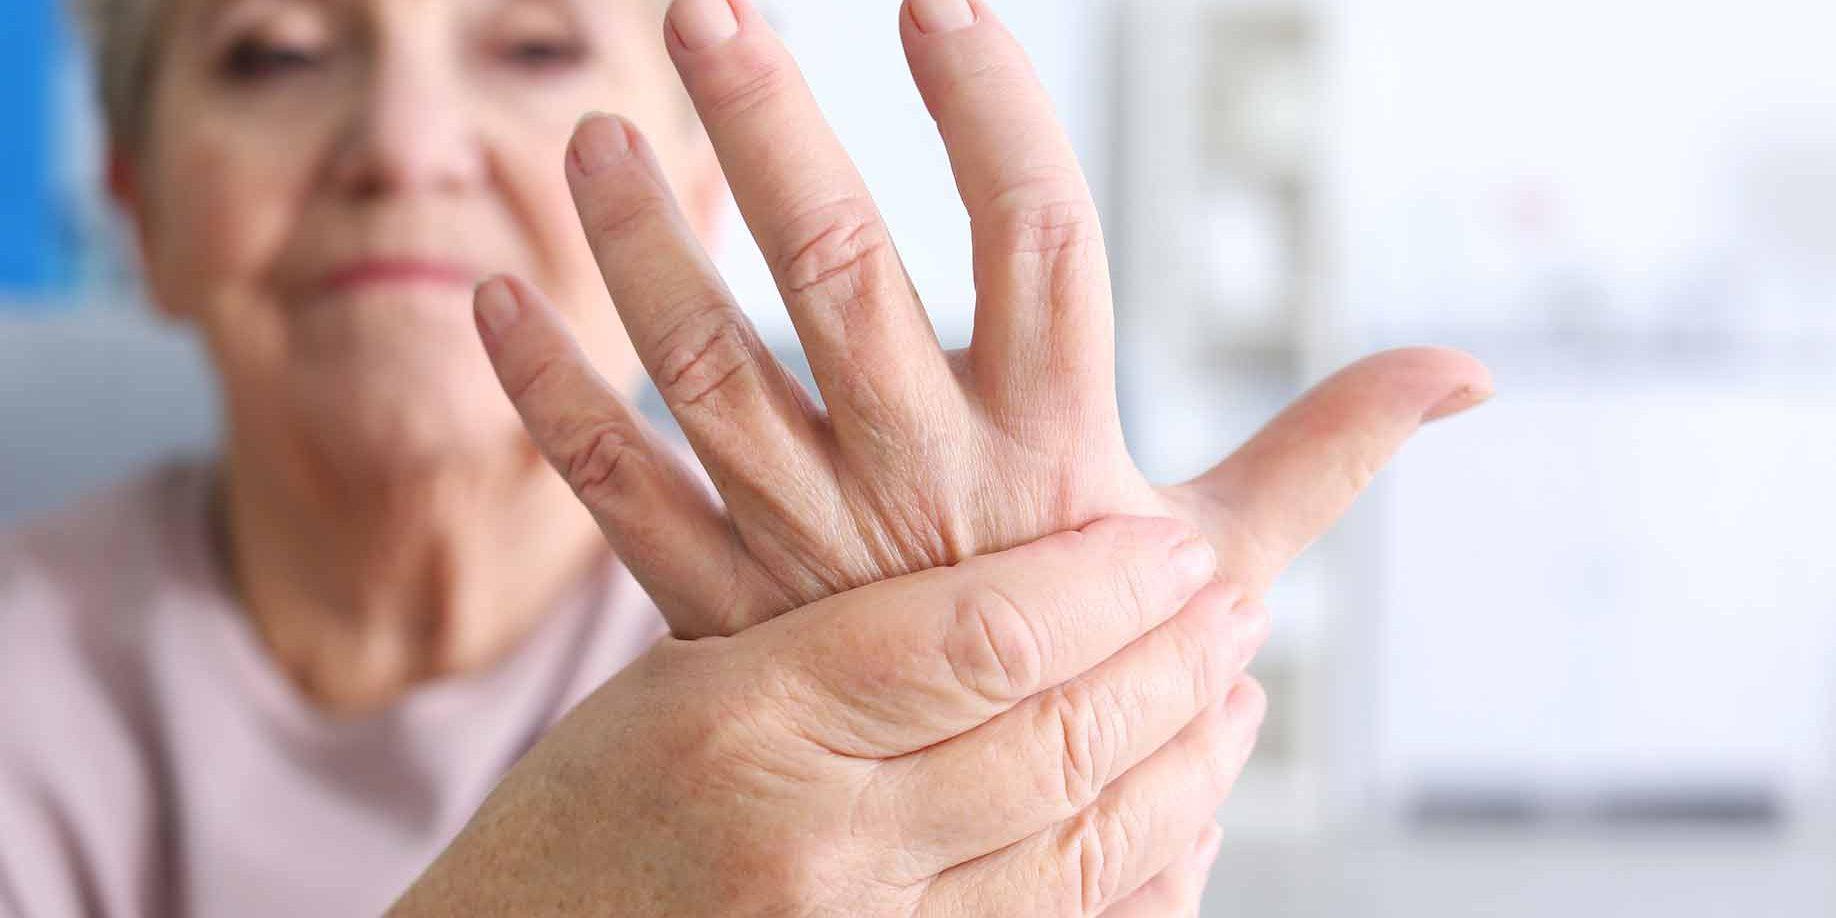 somatinių skausmas raumenyse ir sąnariuose